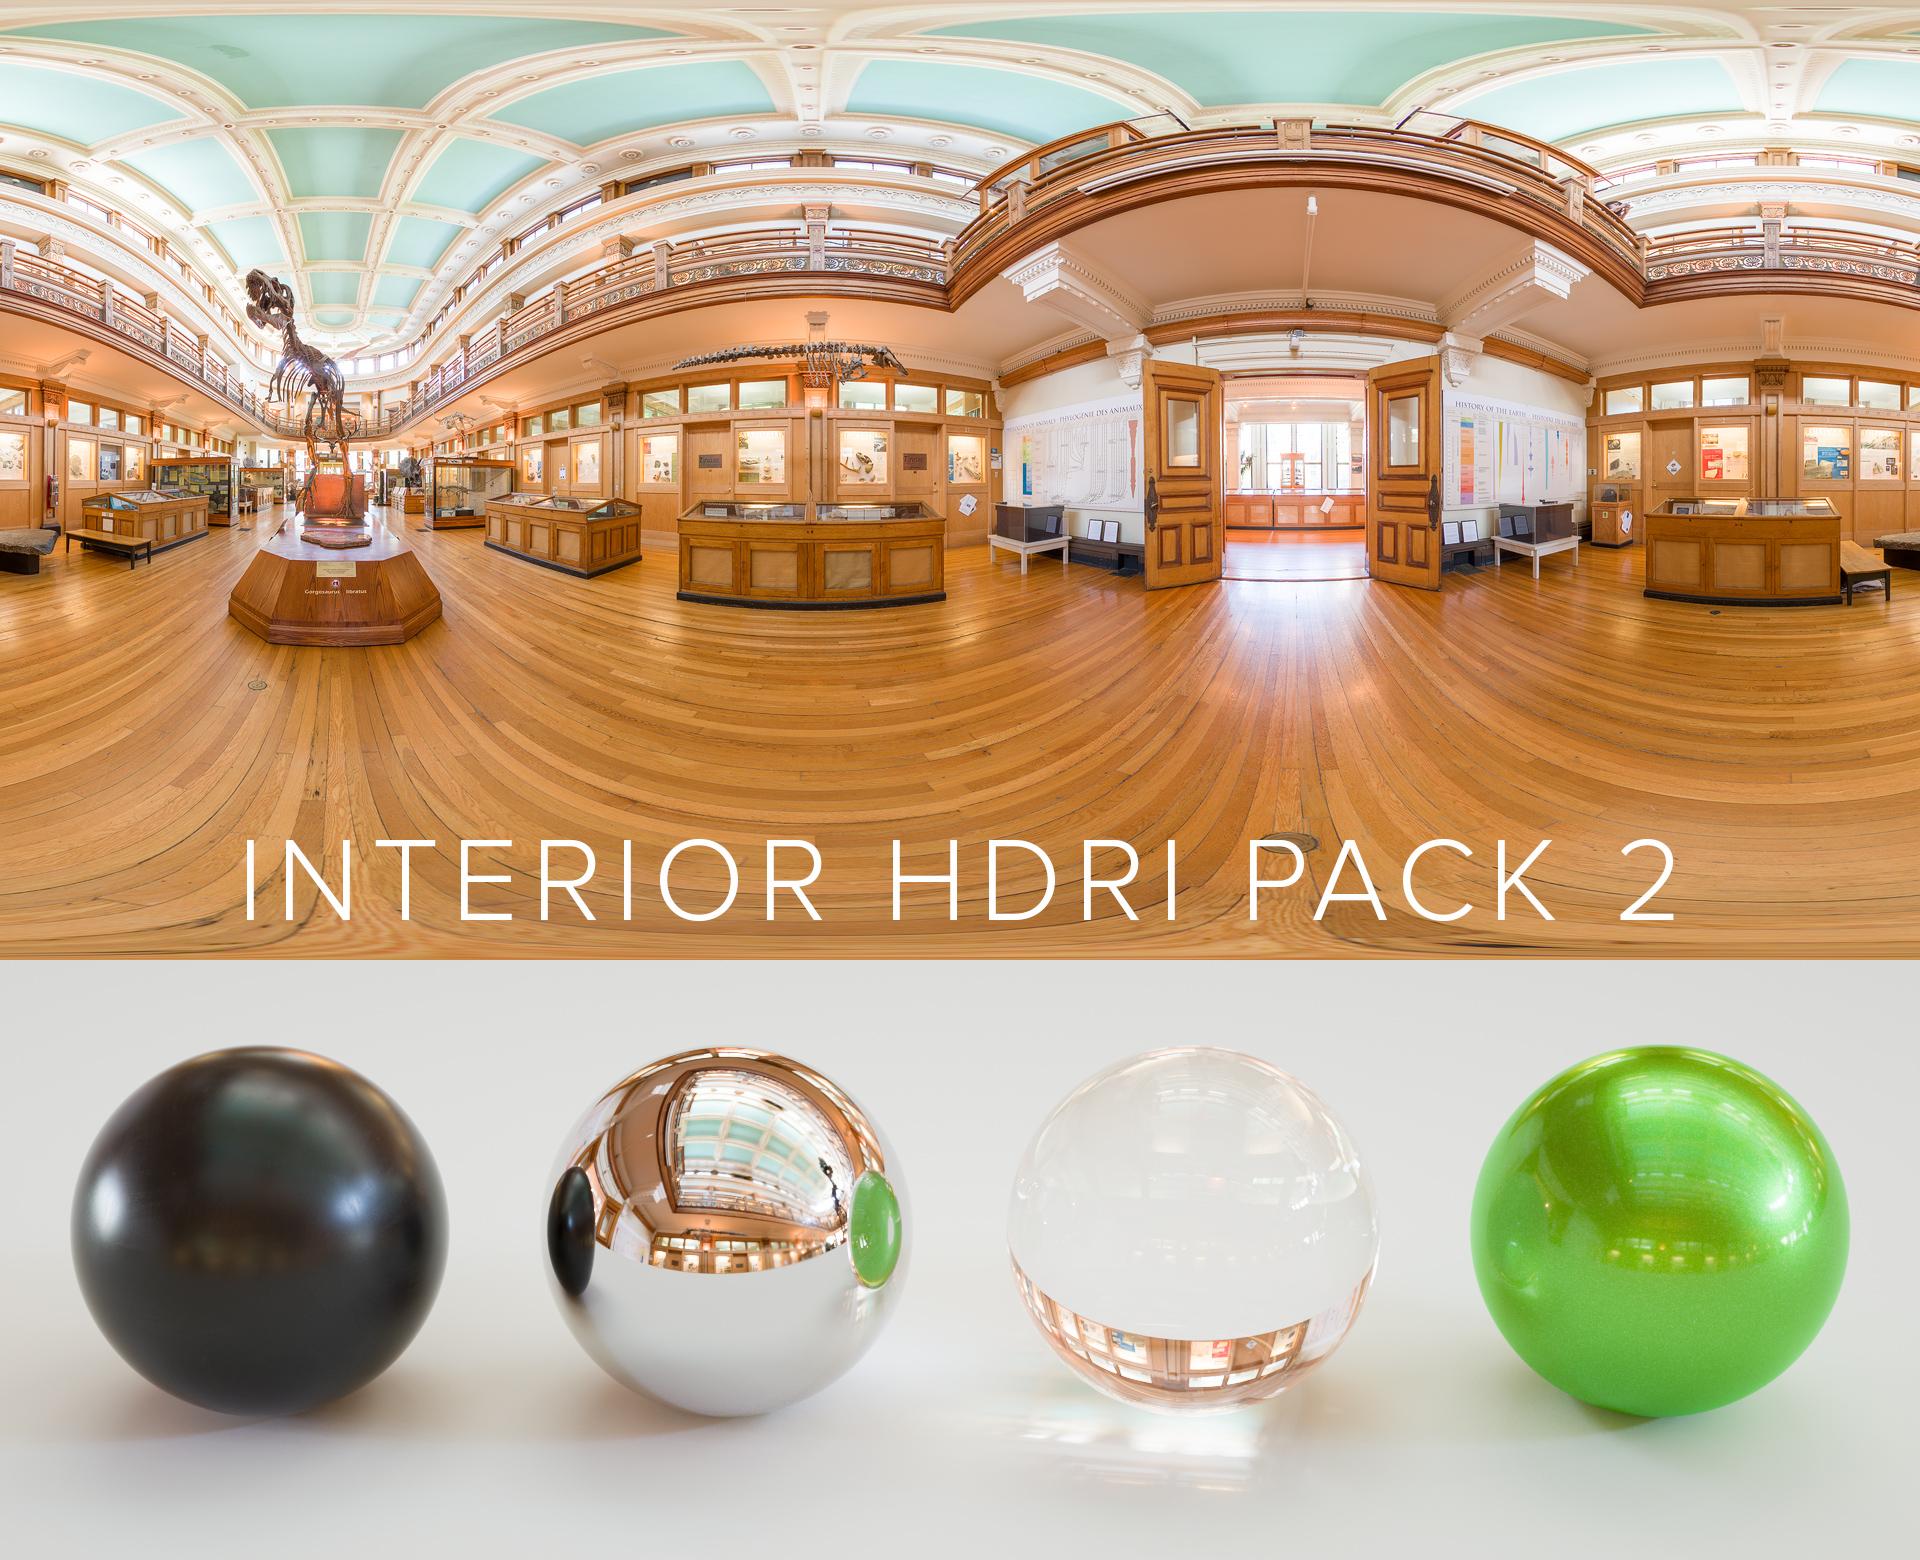 interior_hdri_pack_2-preview.jpg